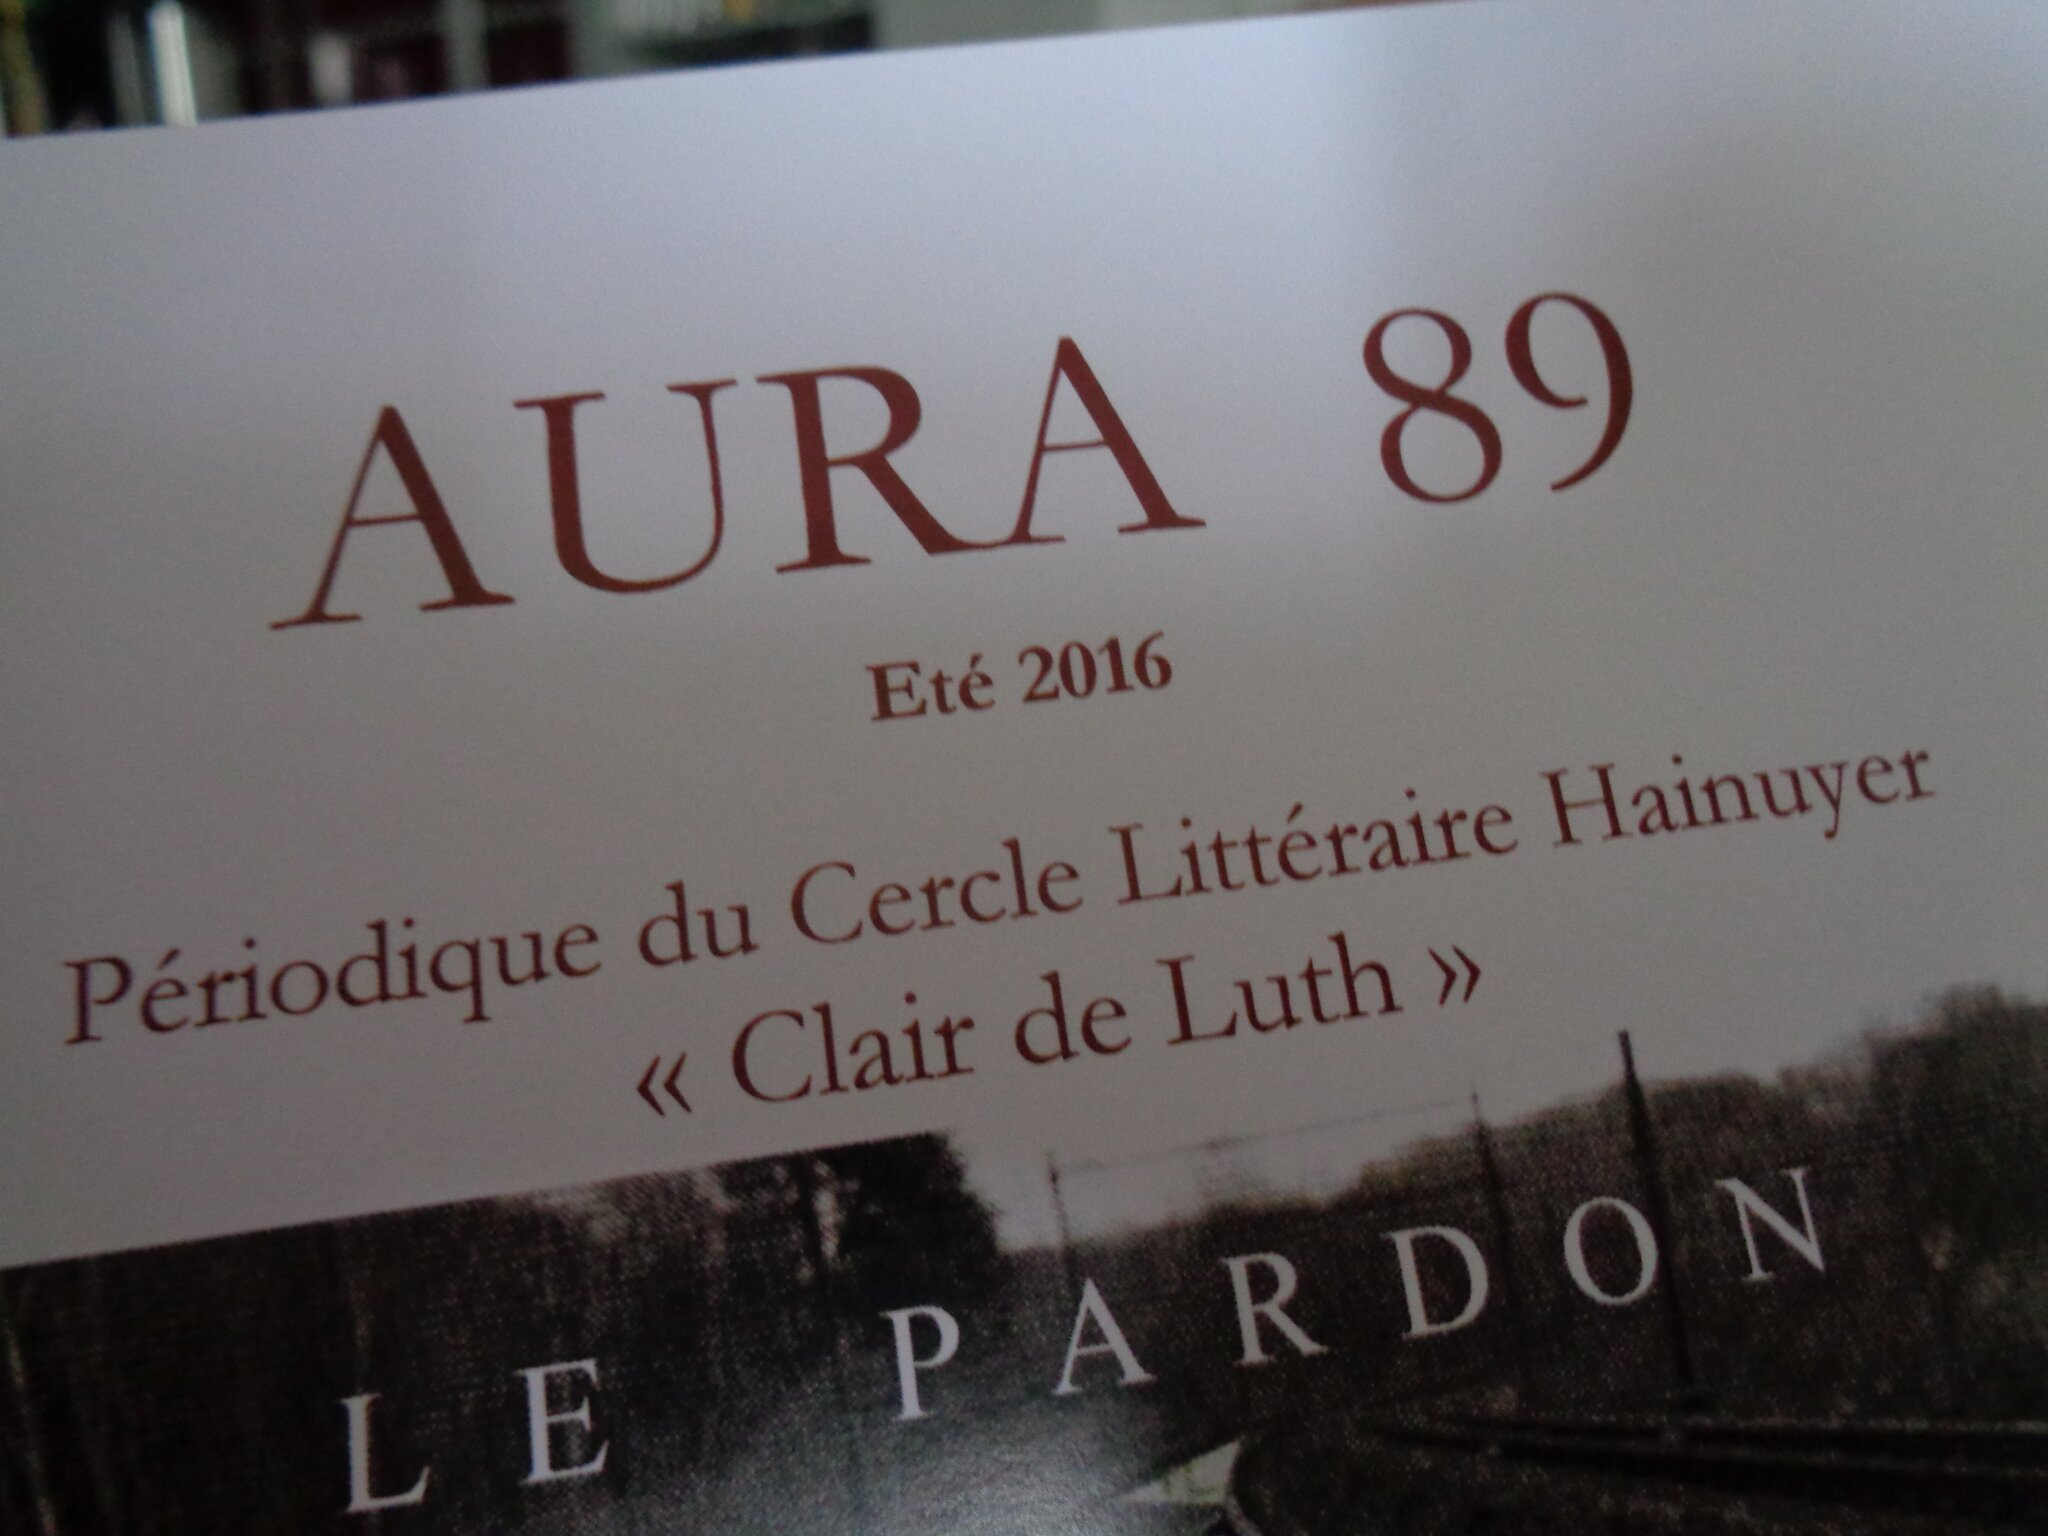 """Aura 89, la revue du Cercle Littéraire Hainuyer """"Clair de Luth"""" est disponible!"""